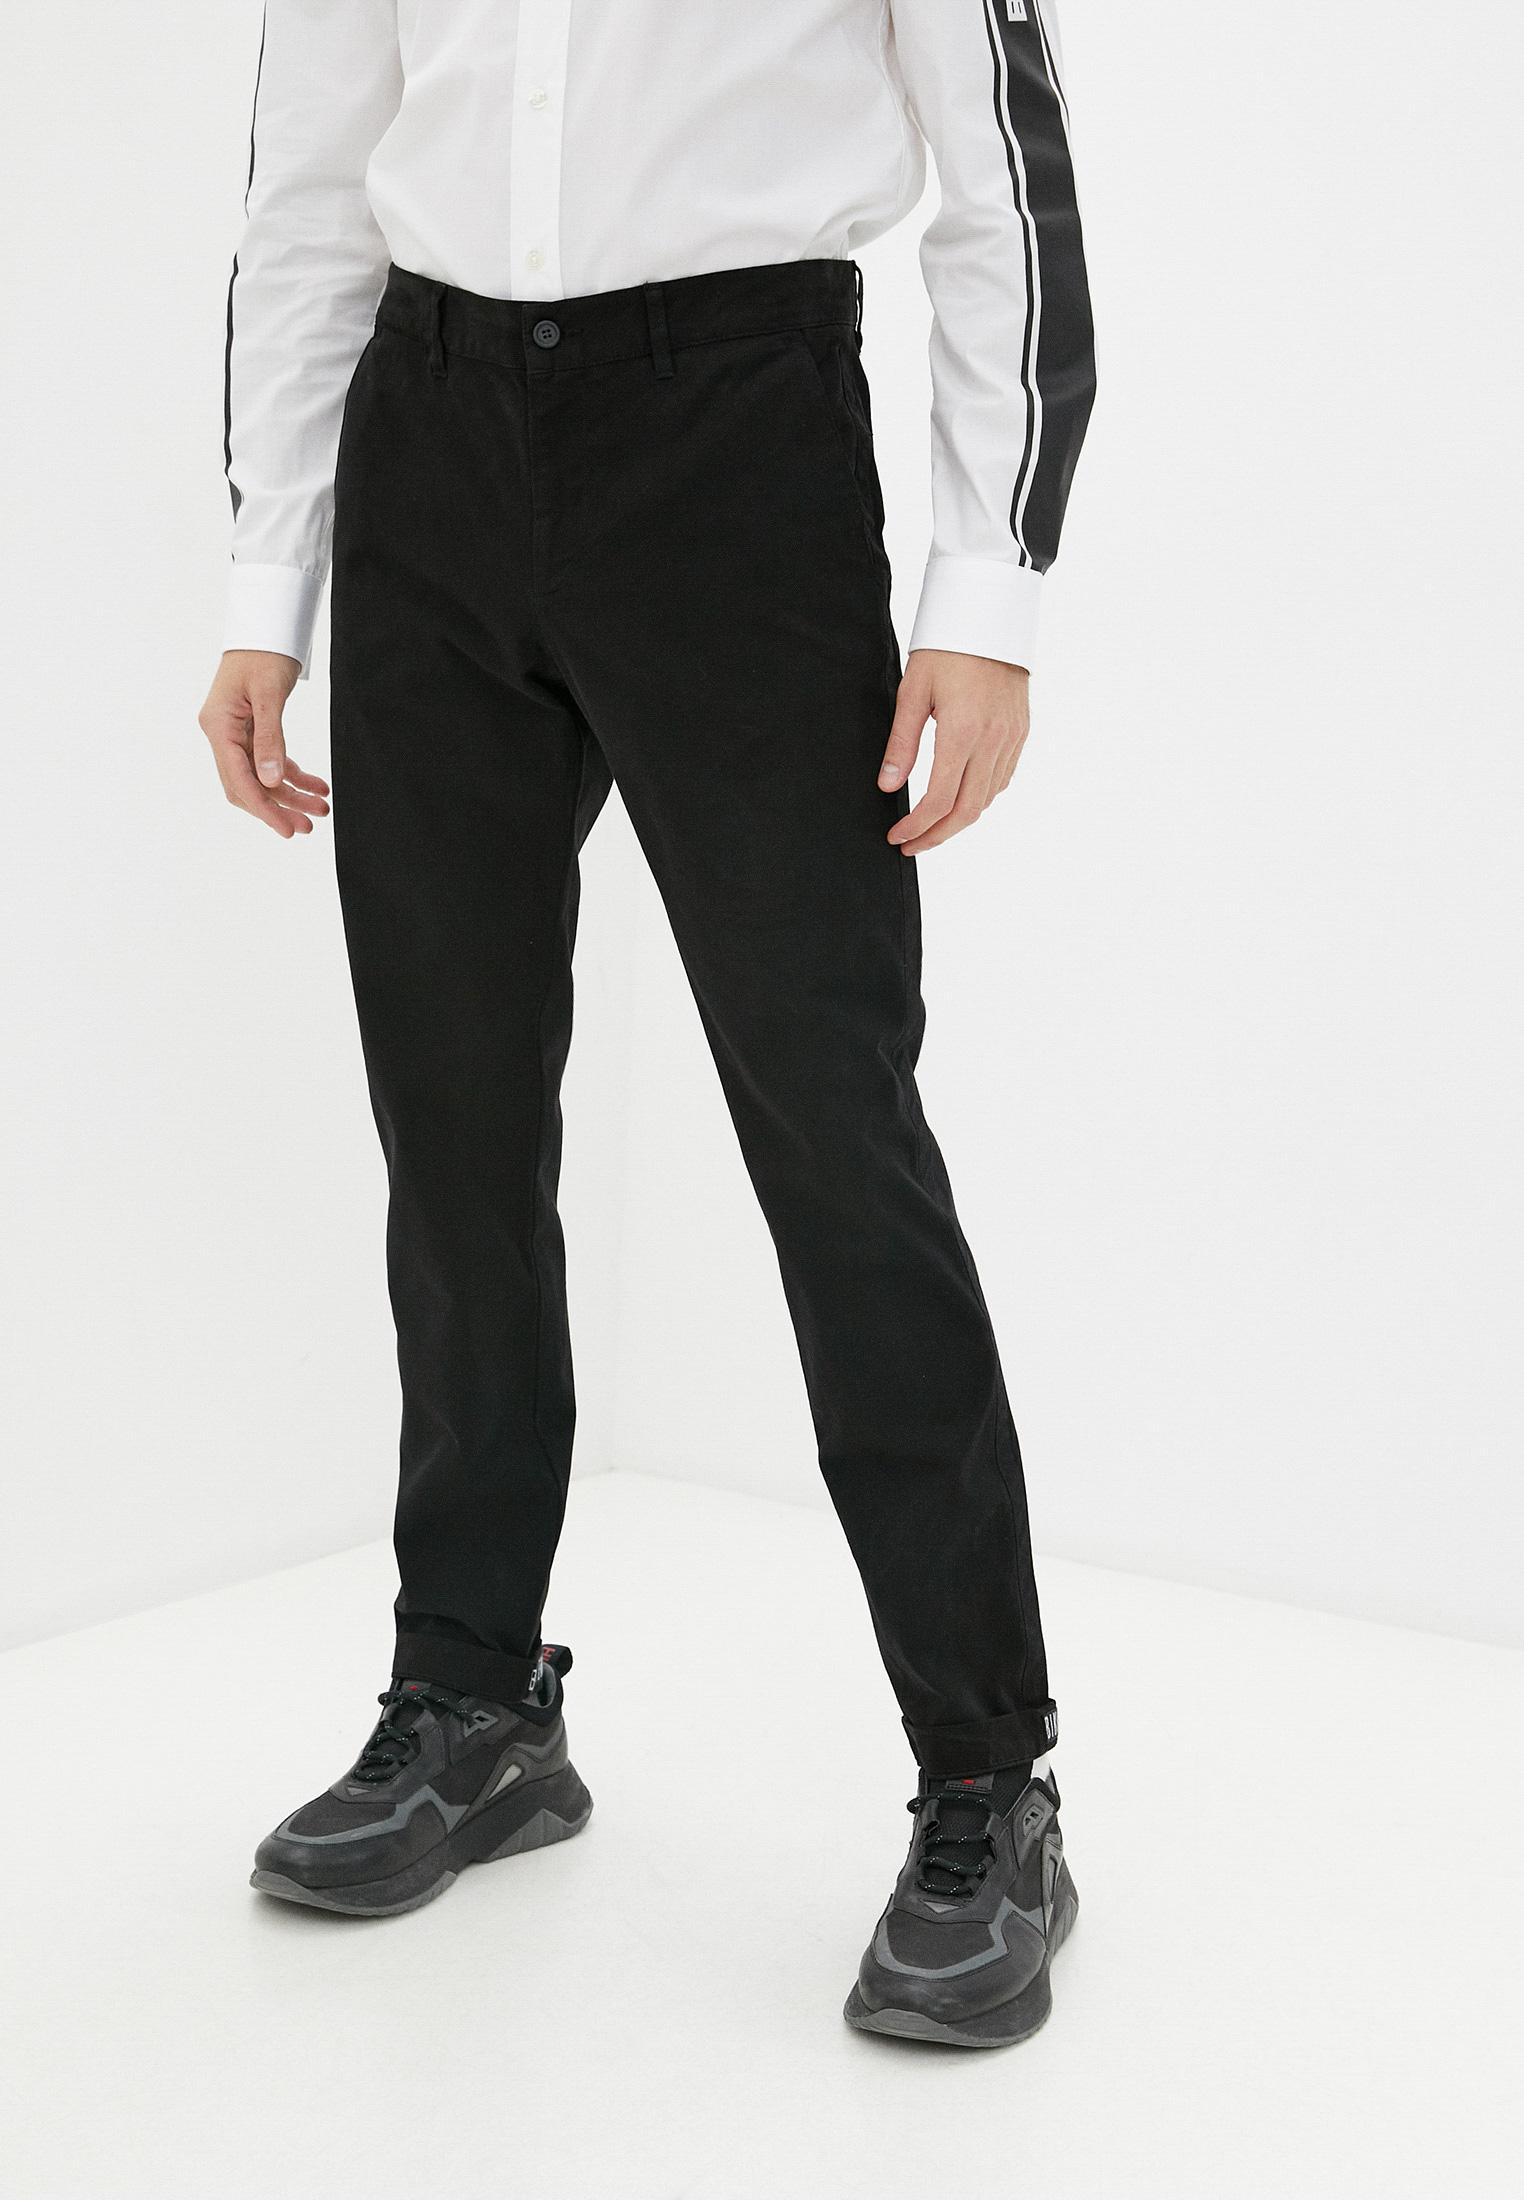 Мужские повседневные брюки Bikkembergs (Биккембергс) C P 001 04 S 3472: изображение 6